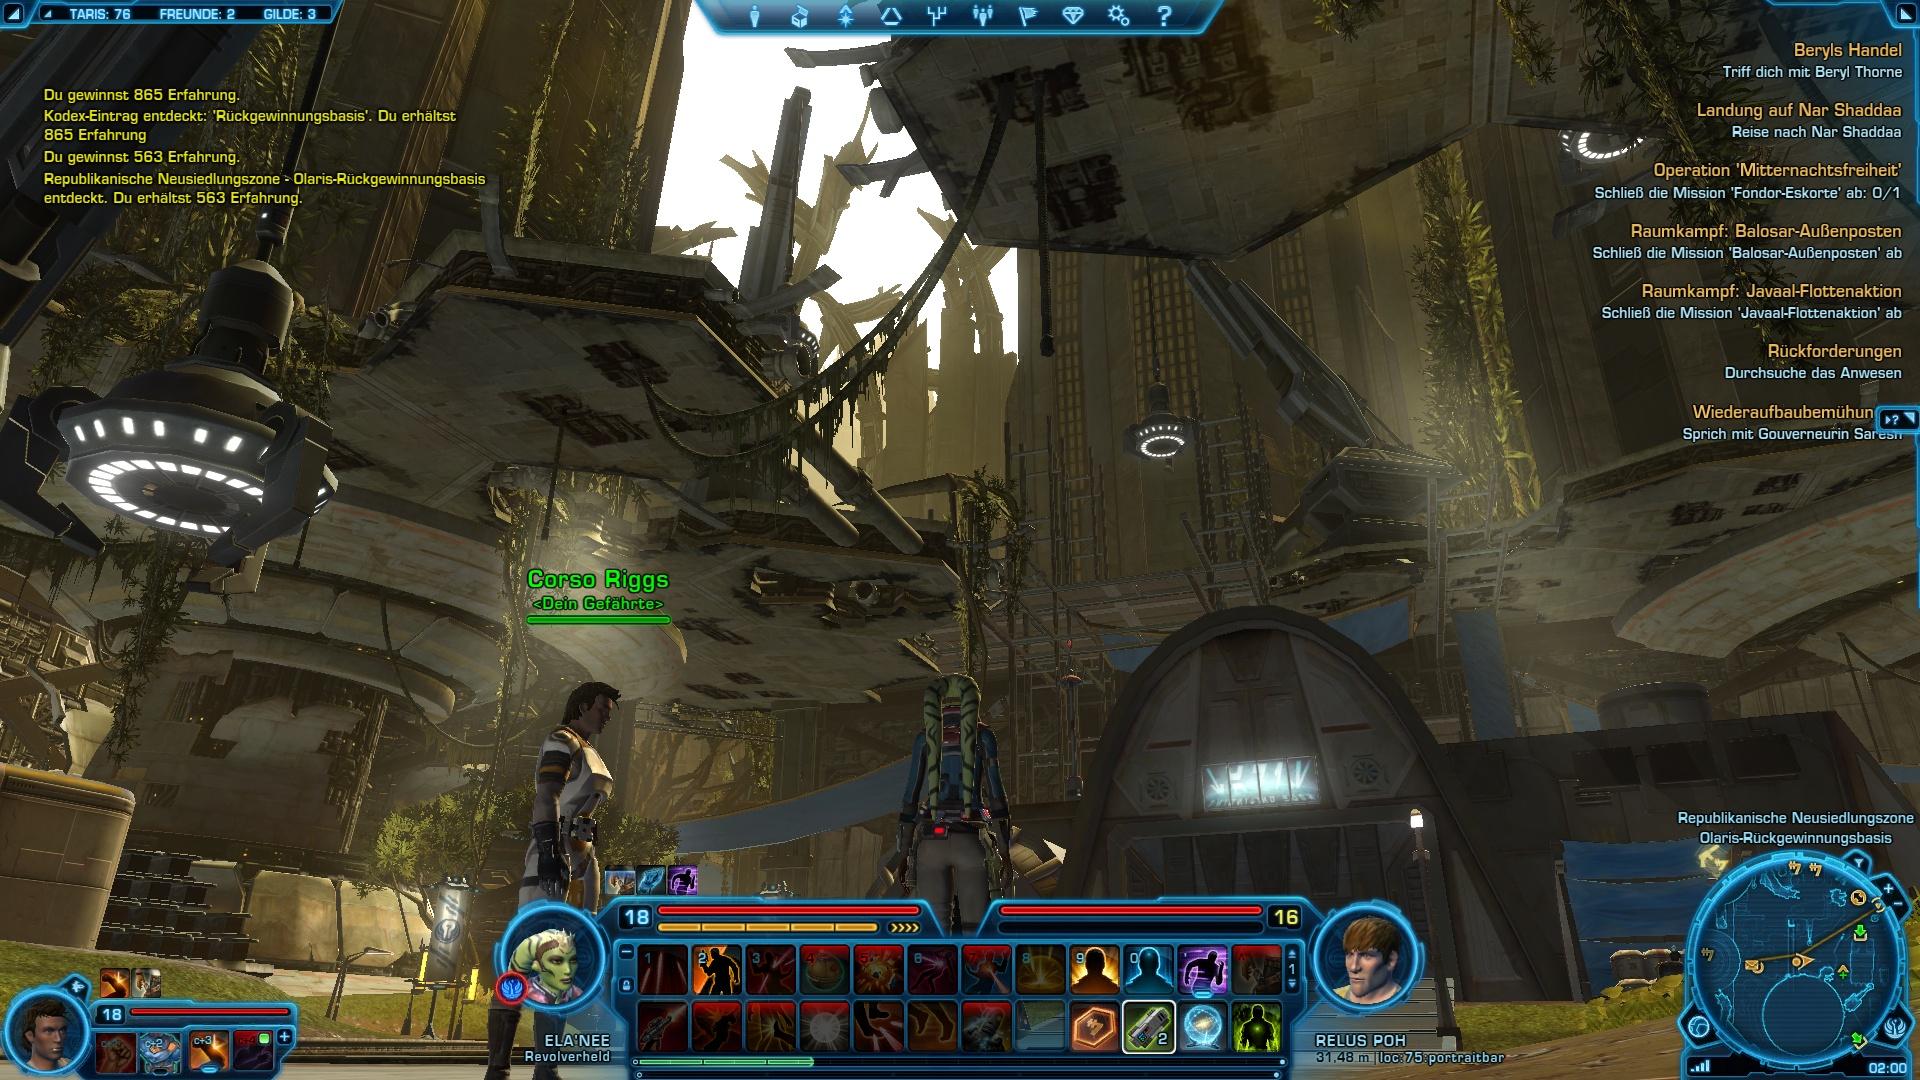 screenshot_2011-12-18ln4fi.jpg